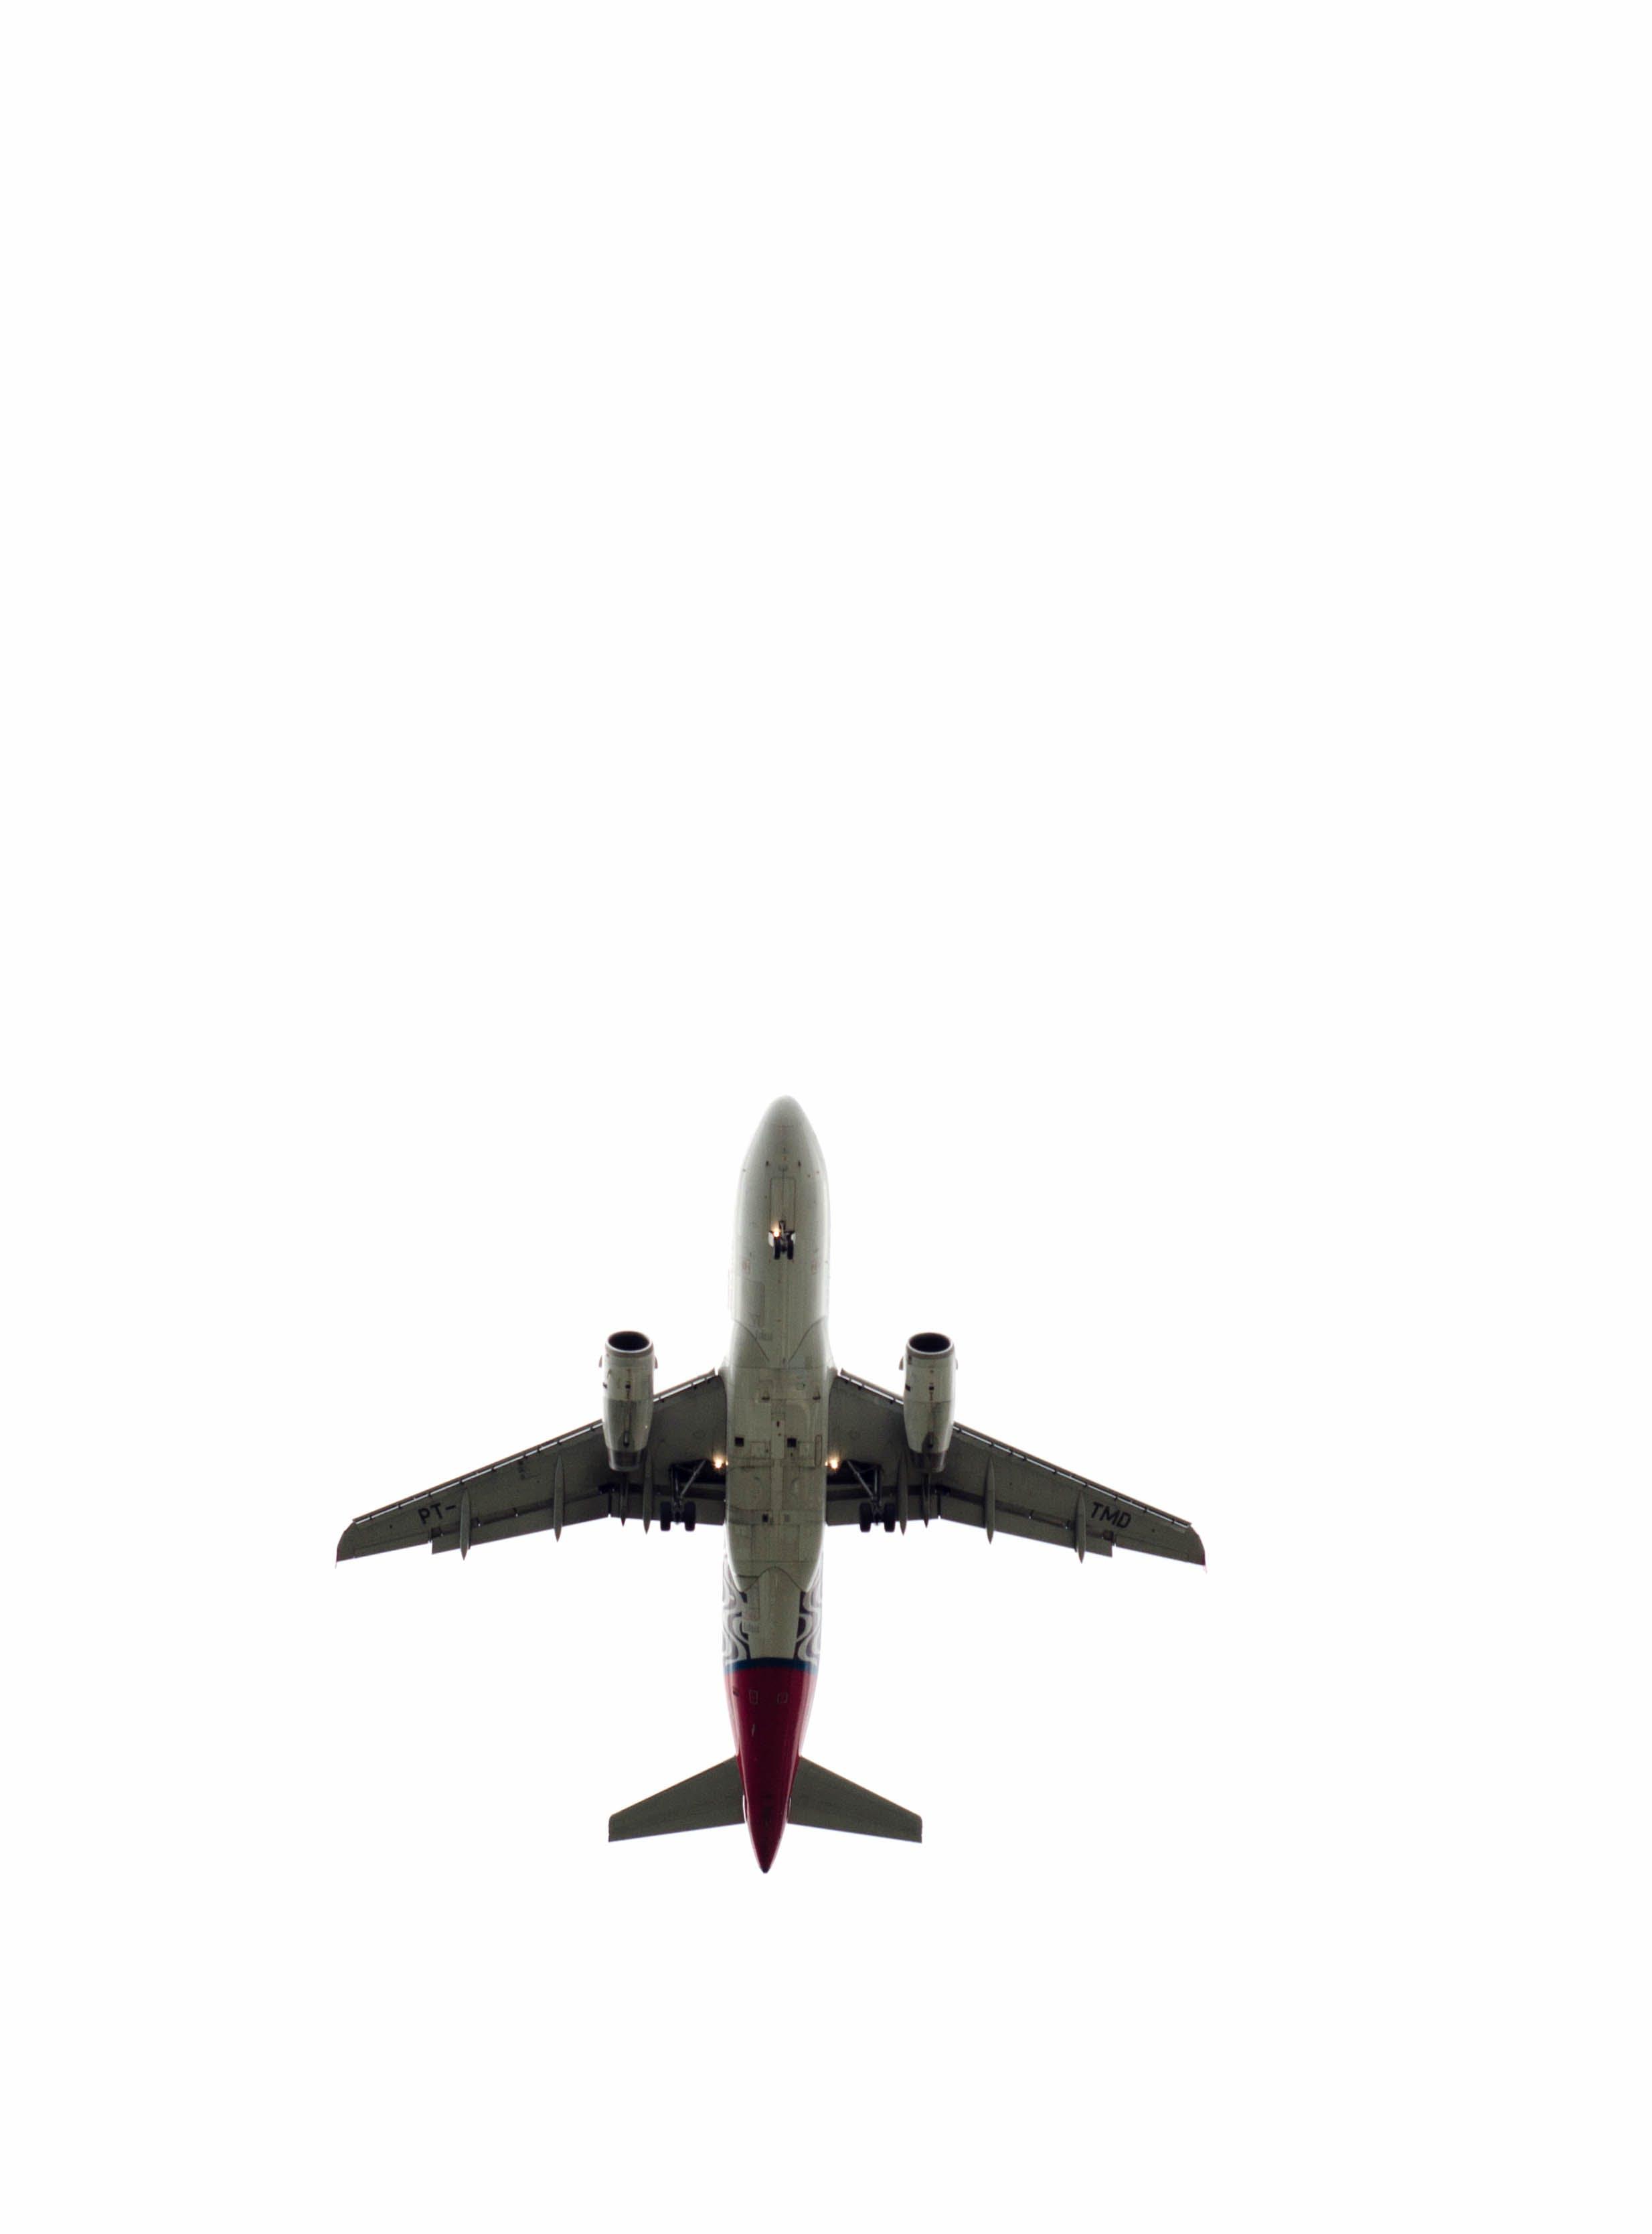 Kostenloses Stock Foto zu armee, fliegen, flug, flugreisen